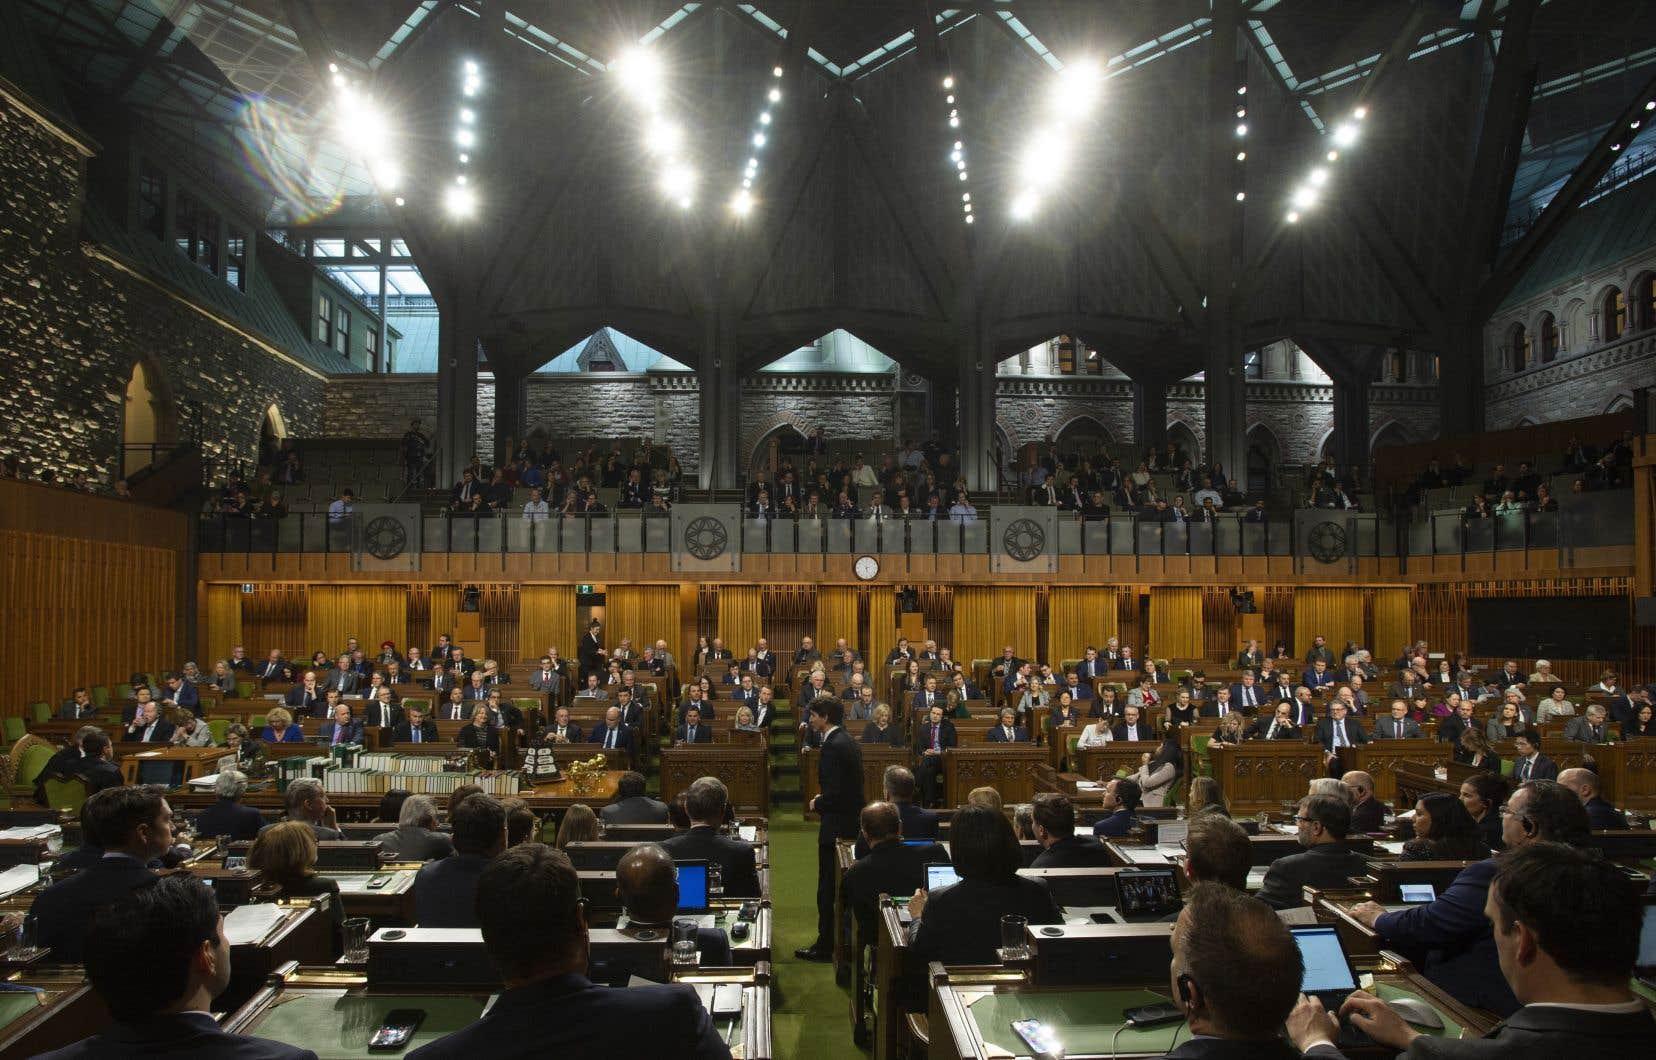 Le salaire de base des députés fédéraux est actuellement de 178900$, ce qui signifie que la plupart des députés en exercice qui recevront une indemnité de départ toucheront 89450$.